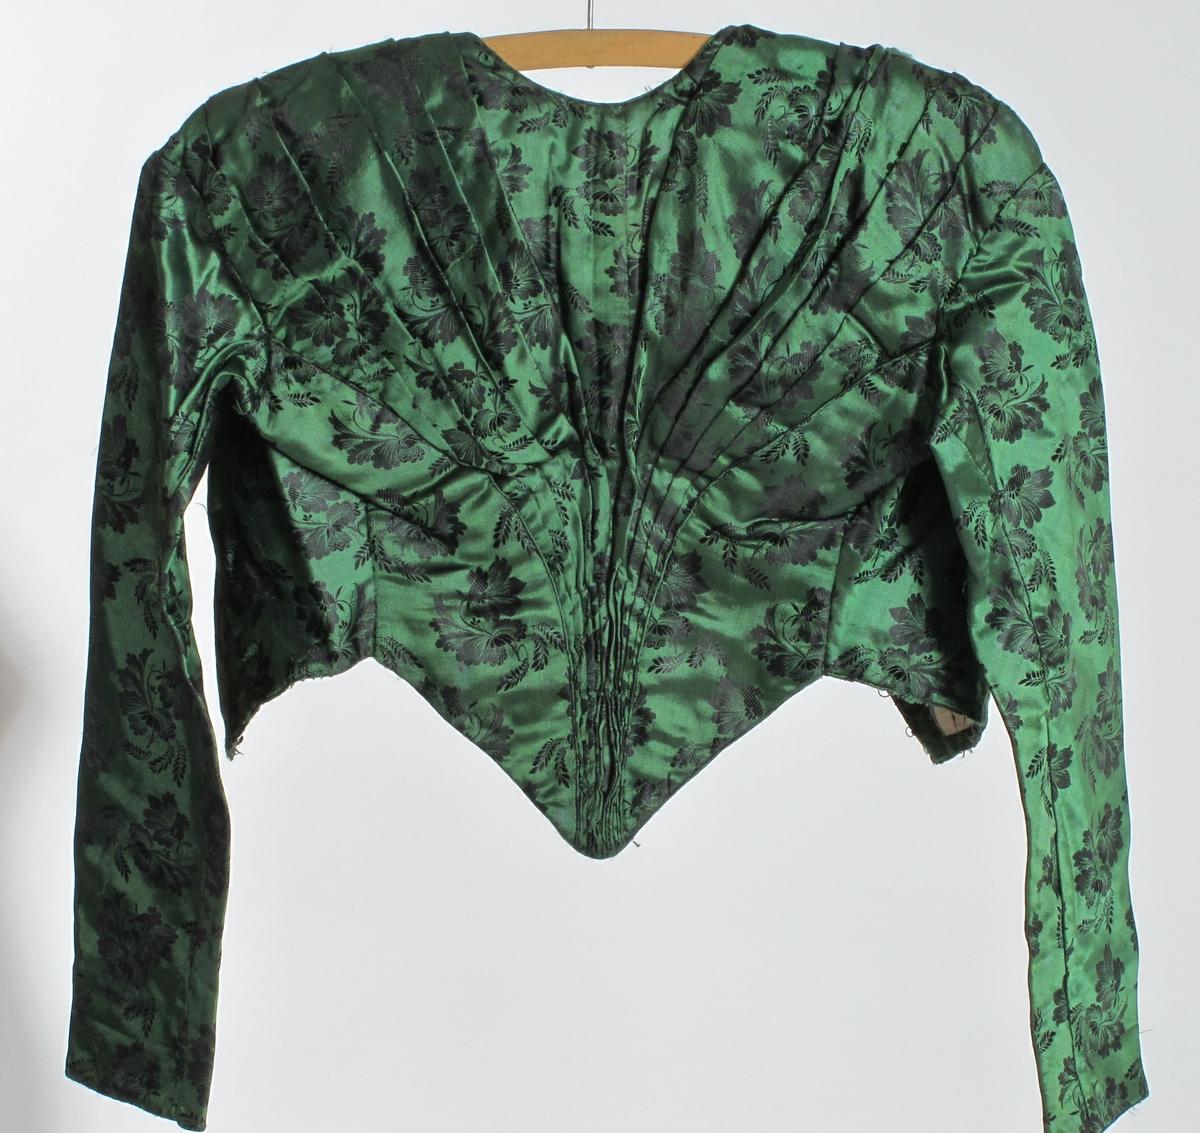 Kjole fra 1880-årene, omsydd antagelig under krigen 1940-45. eller etter denne. Smaragdgrønn silke med sorte ivevde blomster.    a) Overdel, Forstykker med  buede sømmer og legg fra skuldrene til  spiss i livet. Bak knappet med hekter,  foret med lerret. Lange smale ermer.  Splitt midt foran og to bak..   b) Skjørt. Ett rynket til smal linning,  som har blonde pi baks. forholdsvis liten  vidde, omsydd, To brede selelignende  overstykker sydd til.       c) Vest med trykk knapper i forkant, sort for  om ermeåpninger og hals.  d) Stort firkantet stoffstykke, antag. klippet  av det opprinnelige skjørtet. 103x97.    e) Et smalt, uregelmessig stykke stoff, avklippet.  IL. 5 8.